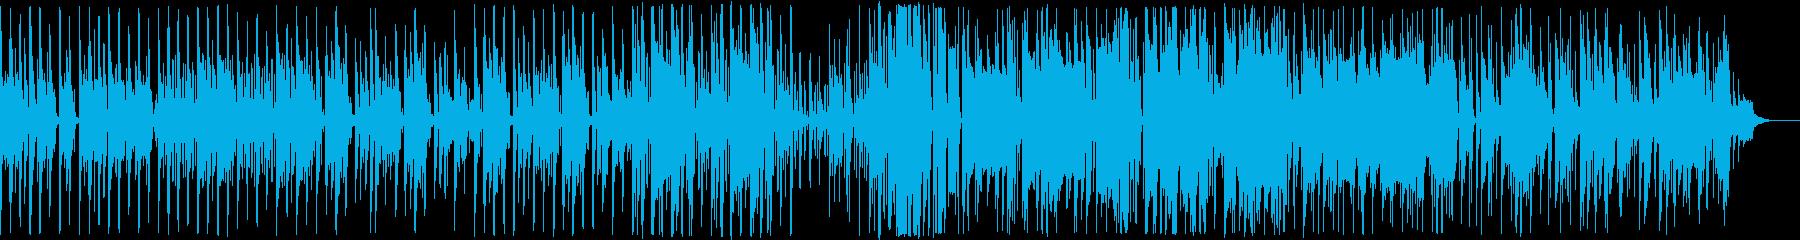 ロックでファンキーな電子音楽の再生済みの波形